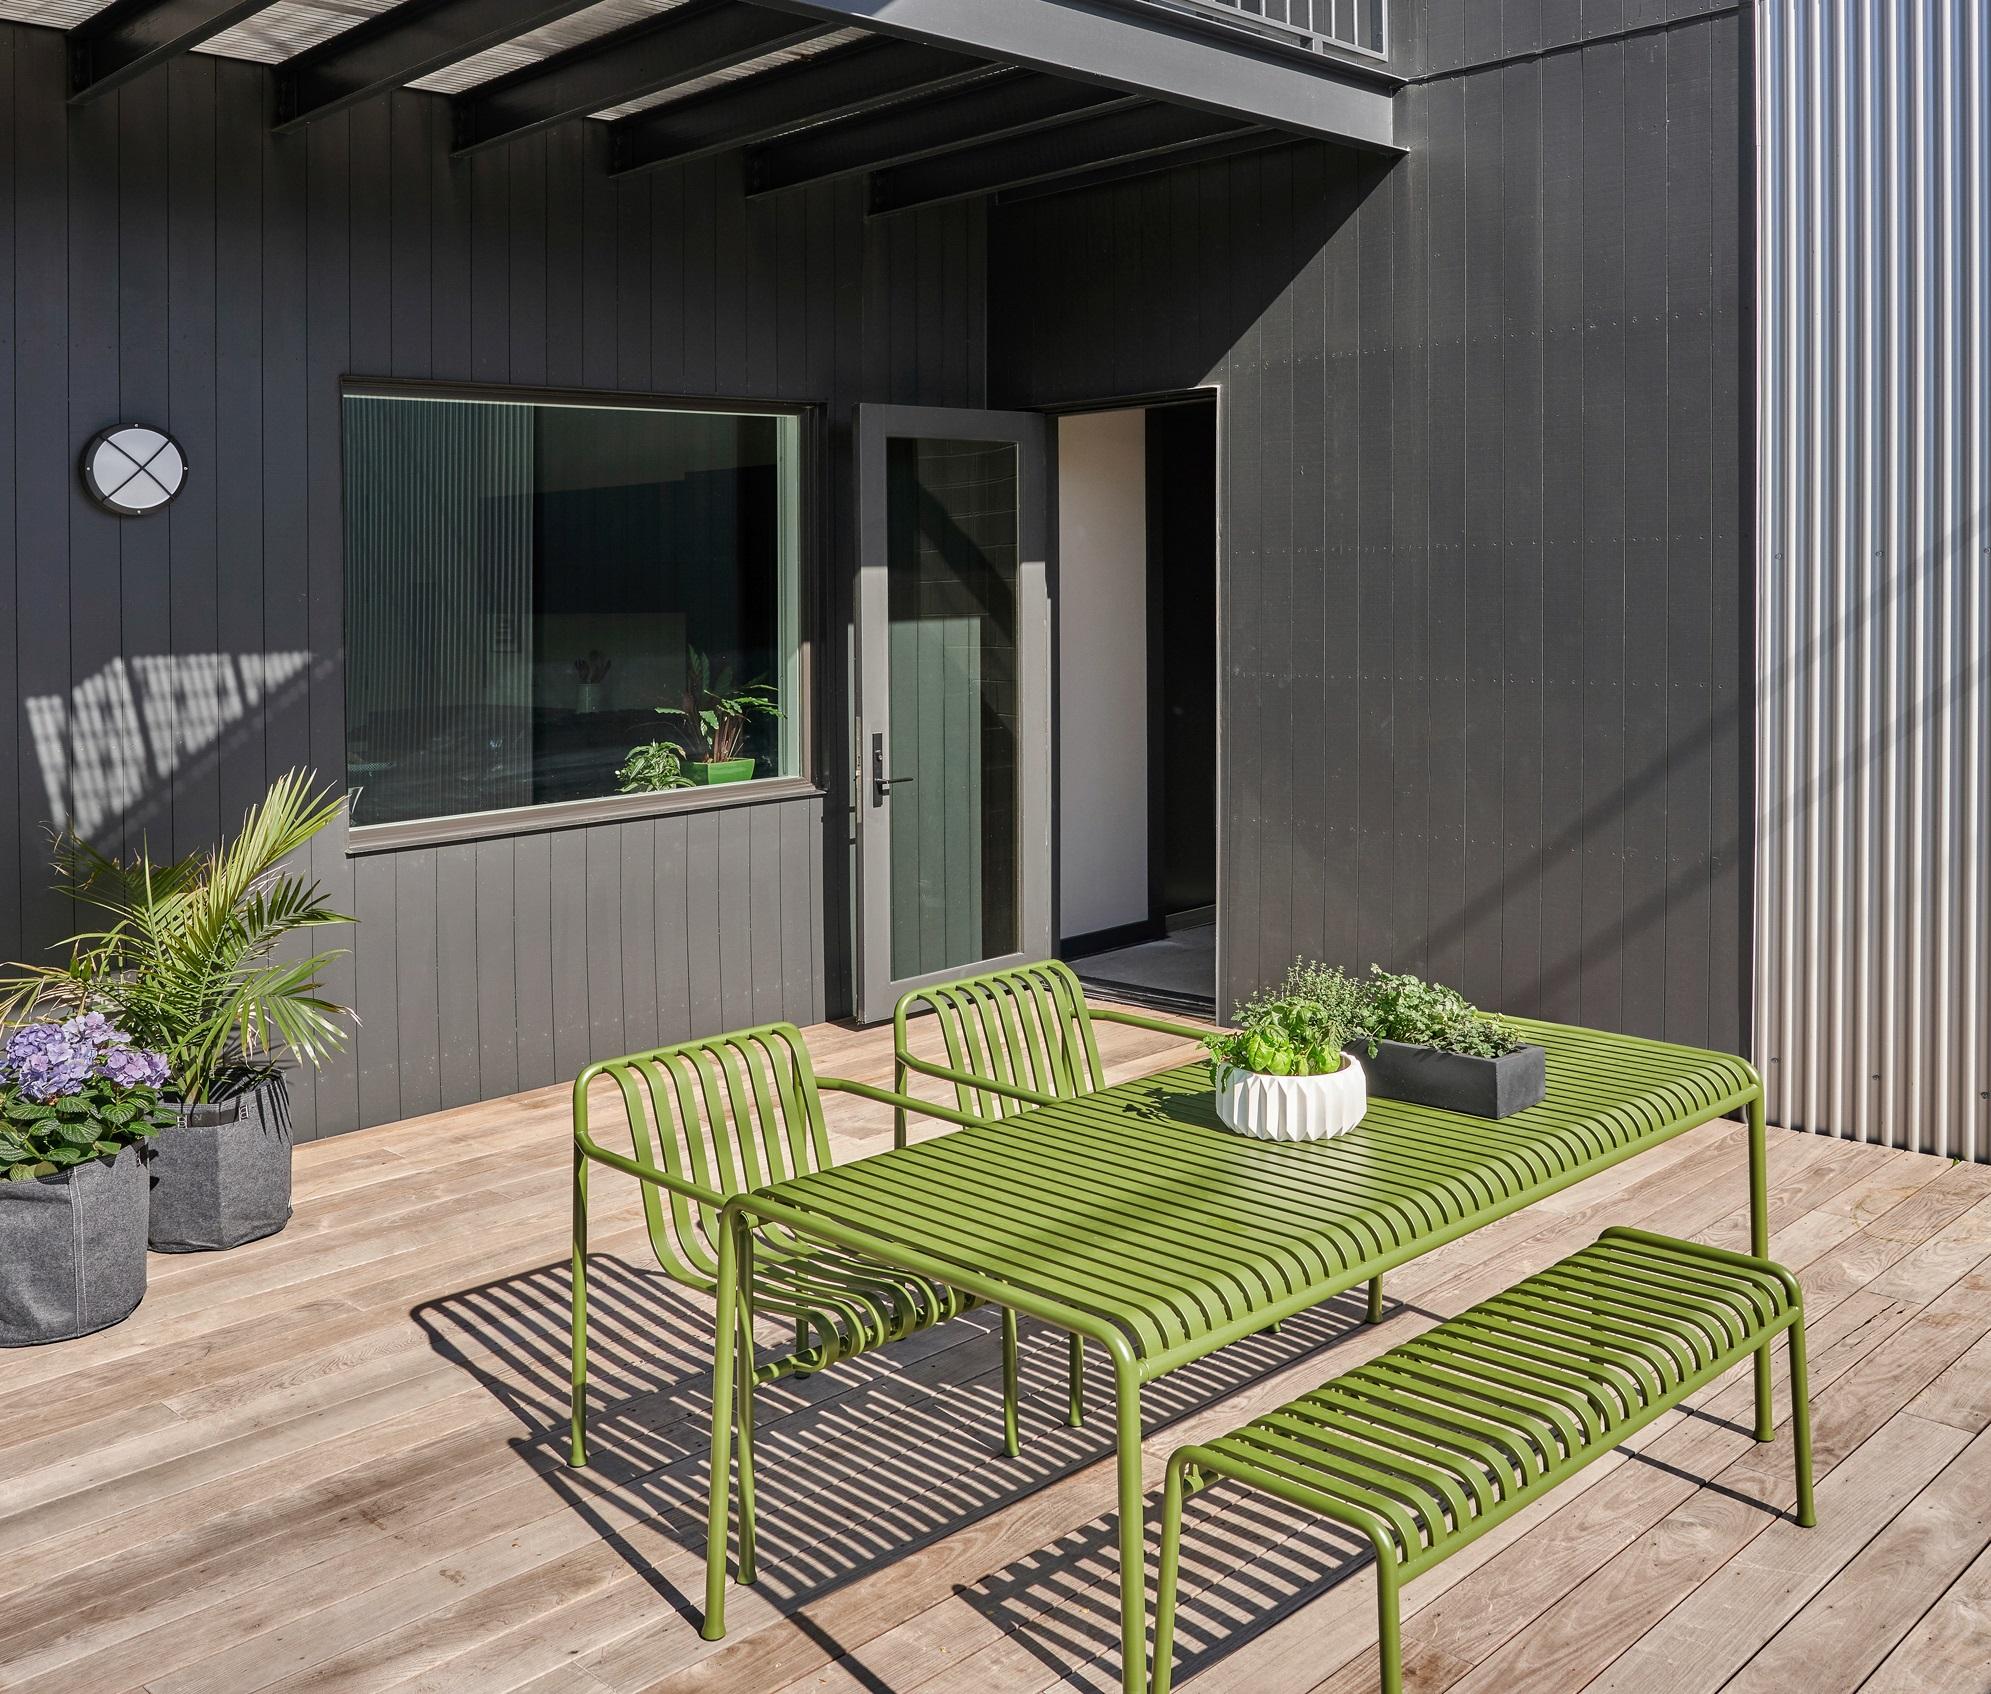 Mobili verdi per l'esterno